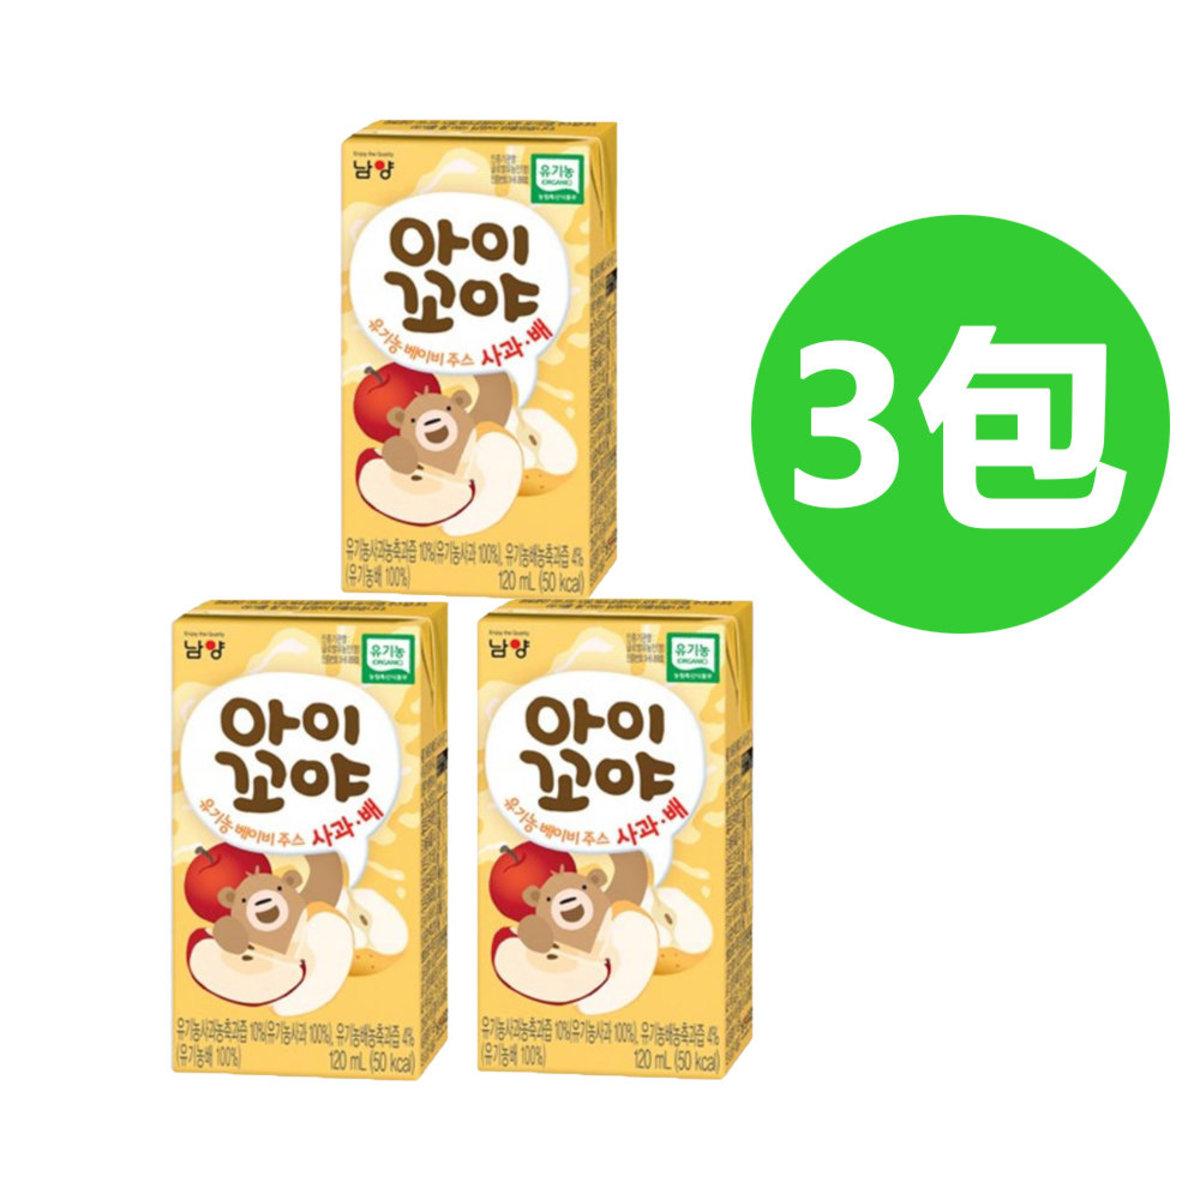 南陽有機婴兒果汁(蘋果蜜梨味) 3連包